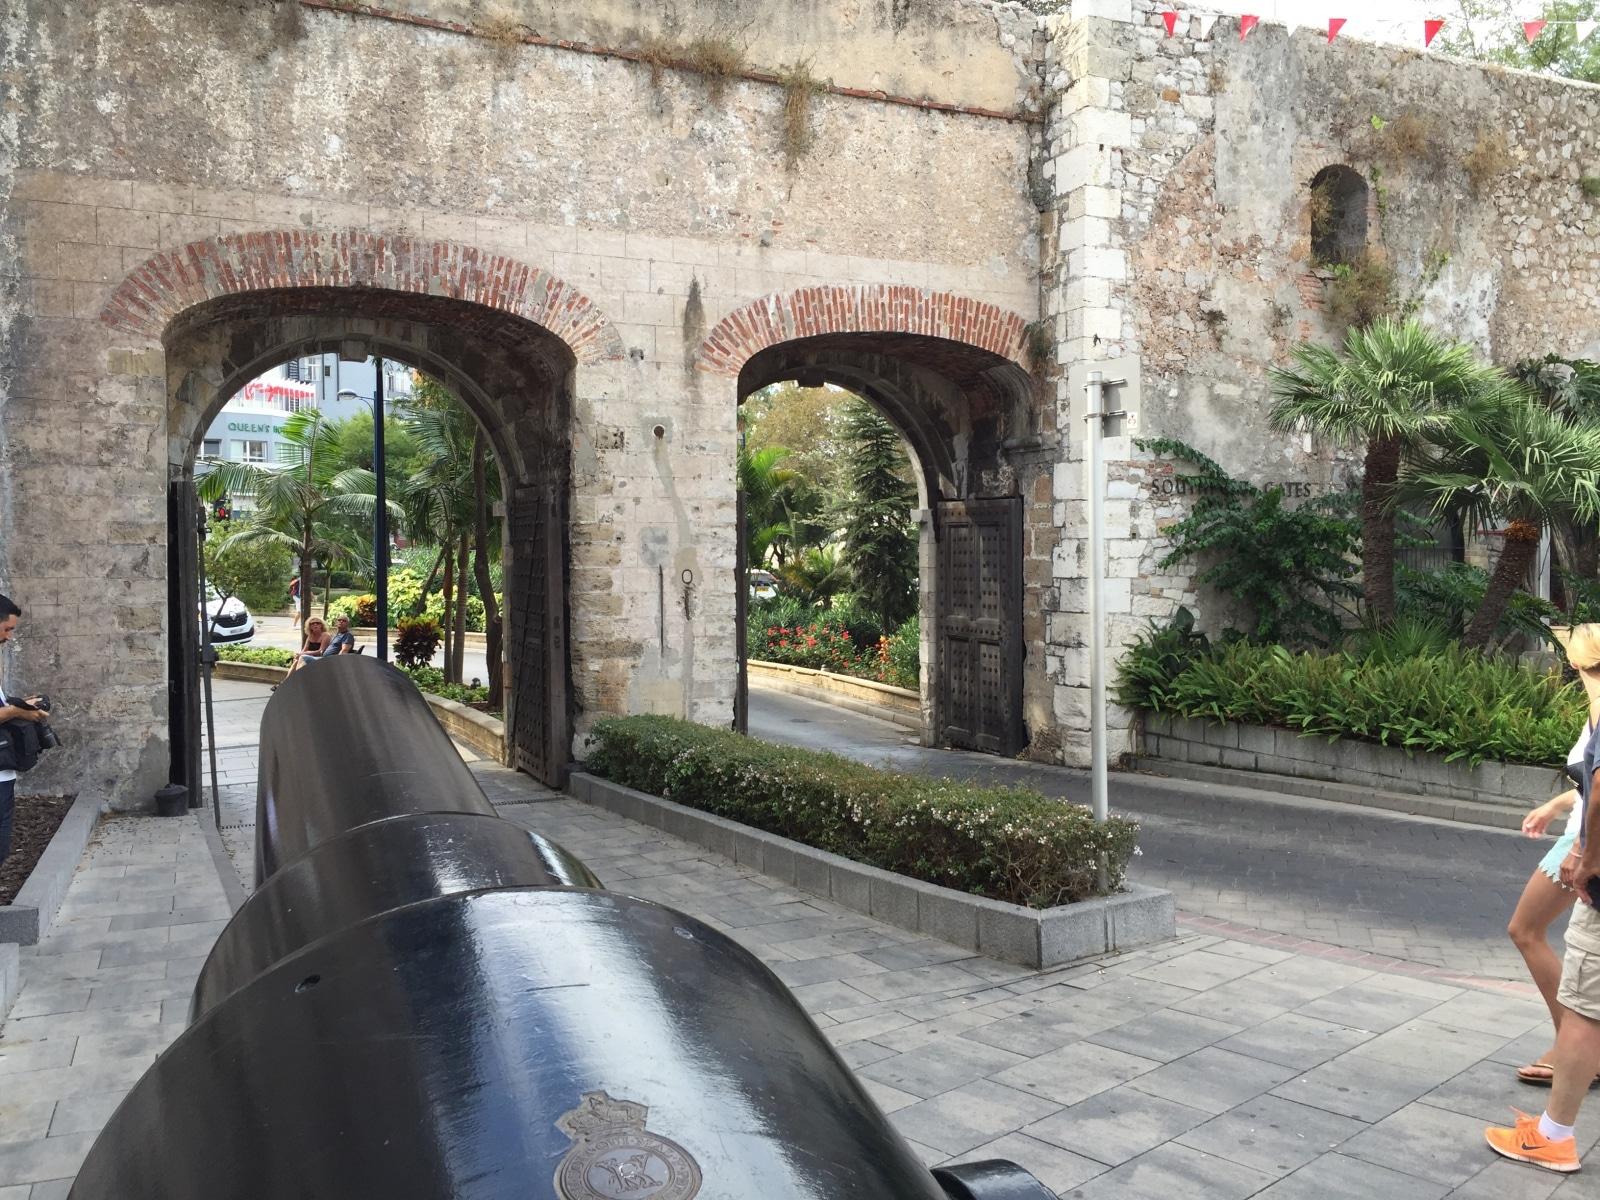 southport-gates-y-la-muralla-de-carlos-v_22740570395_o